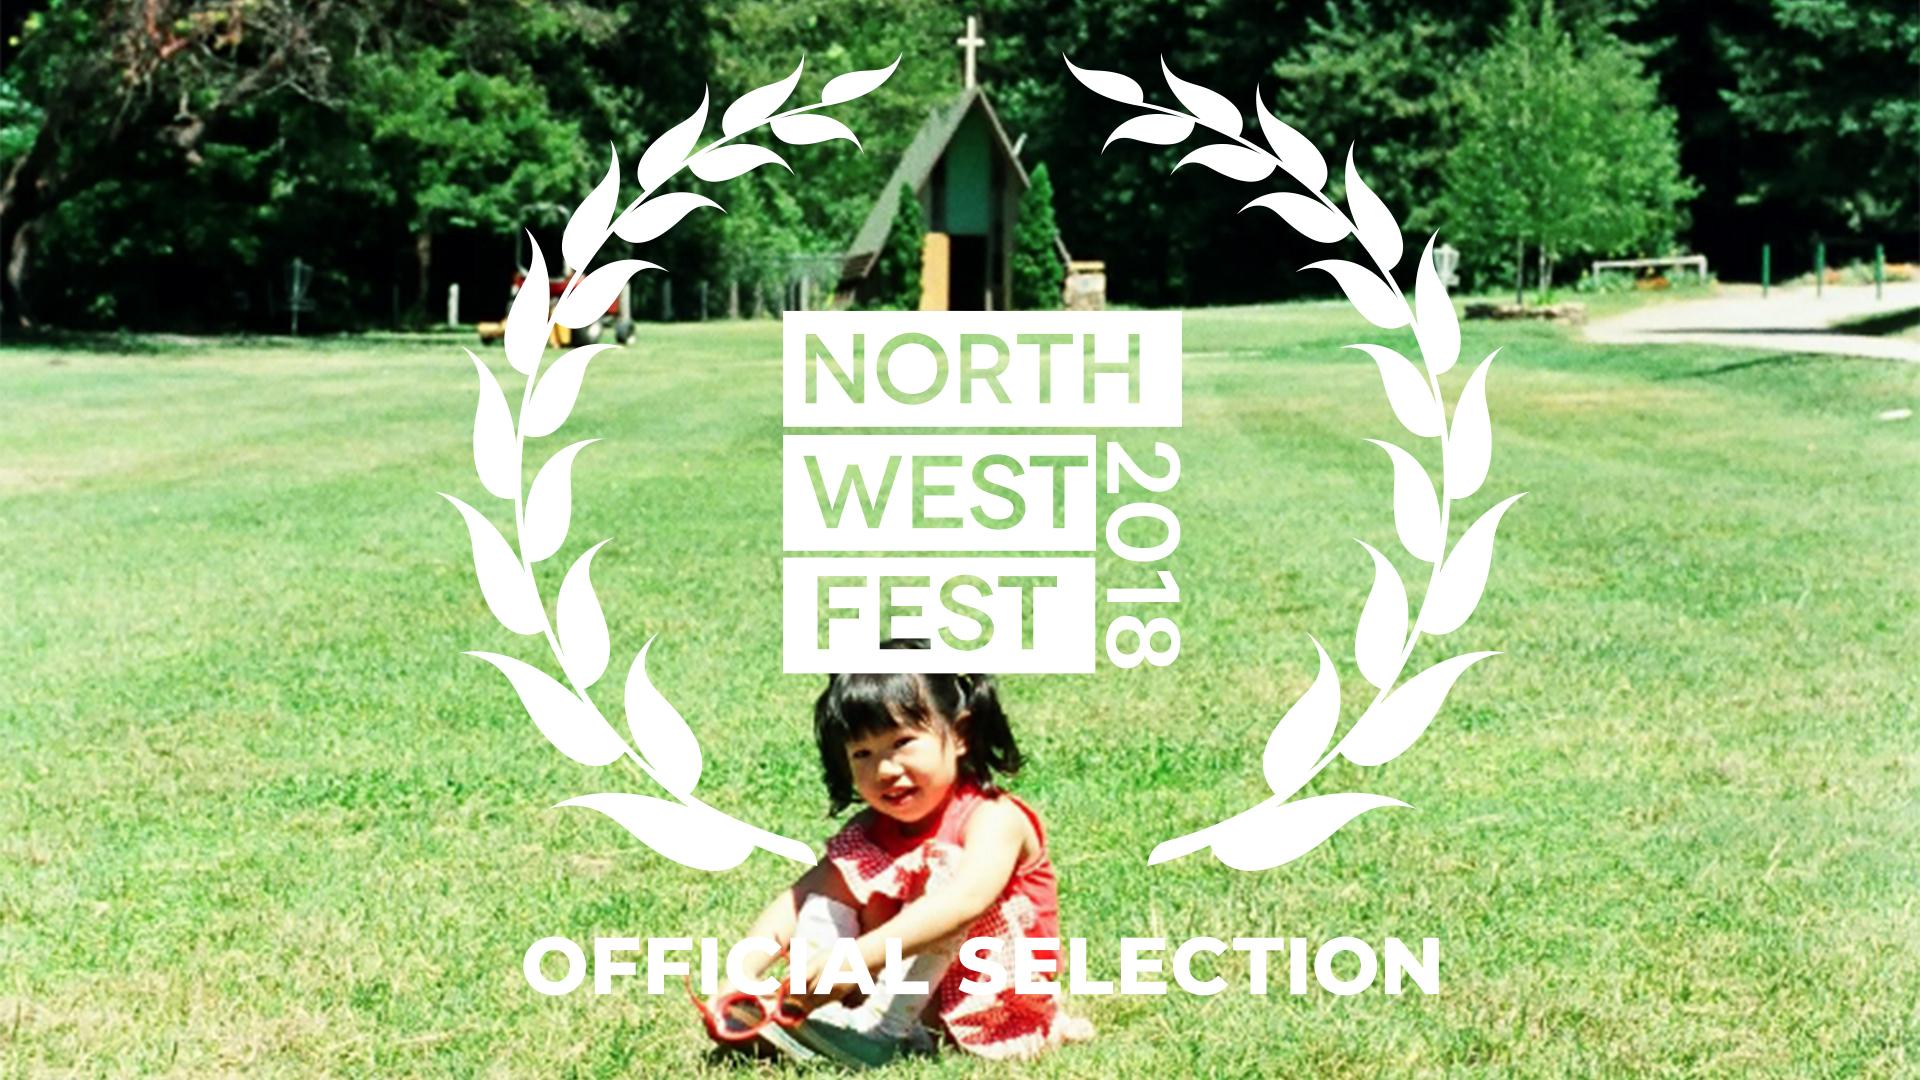 northwestfest_banner.jpg